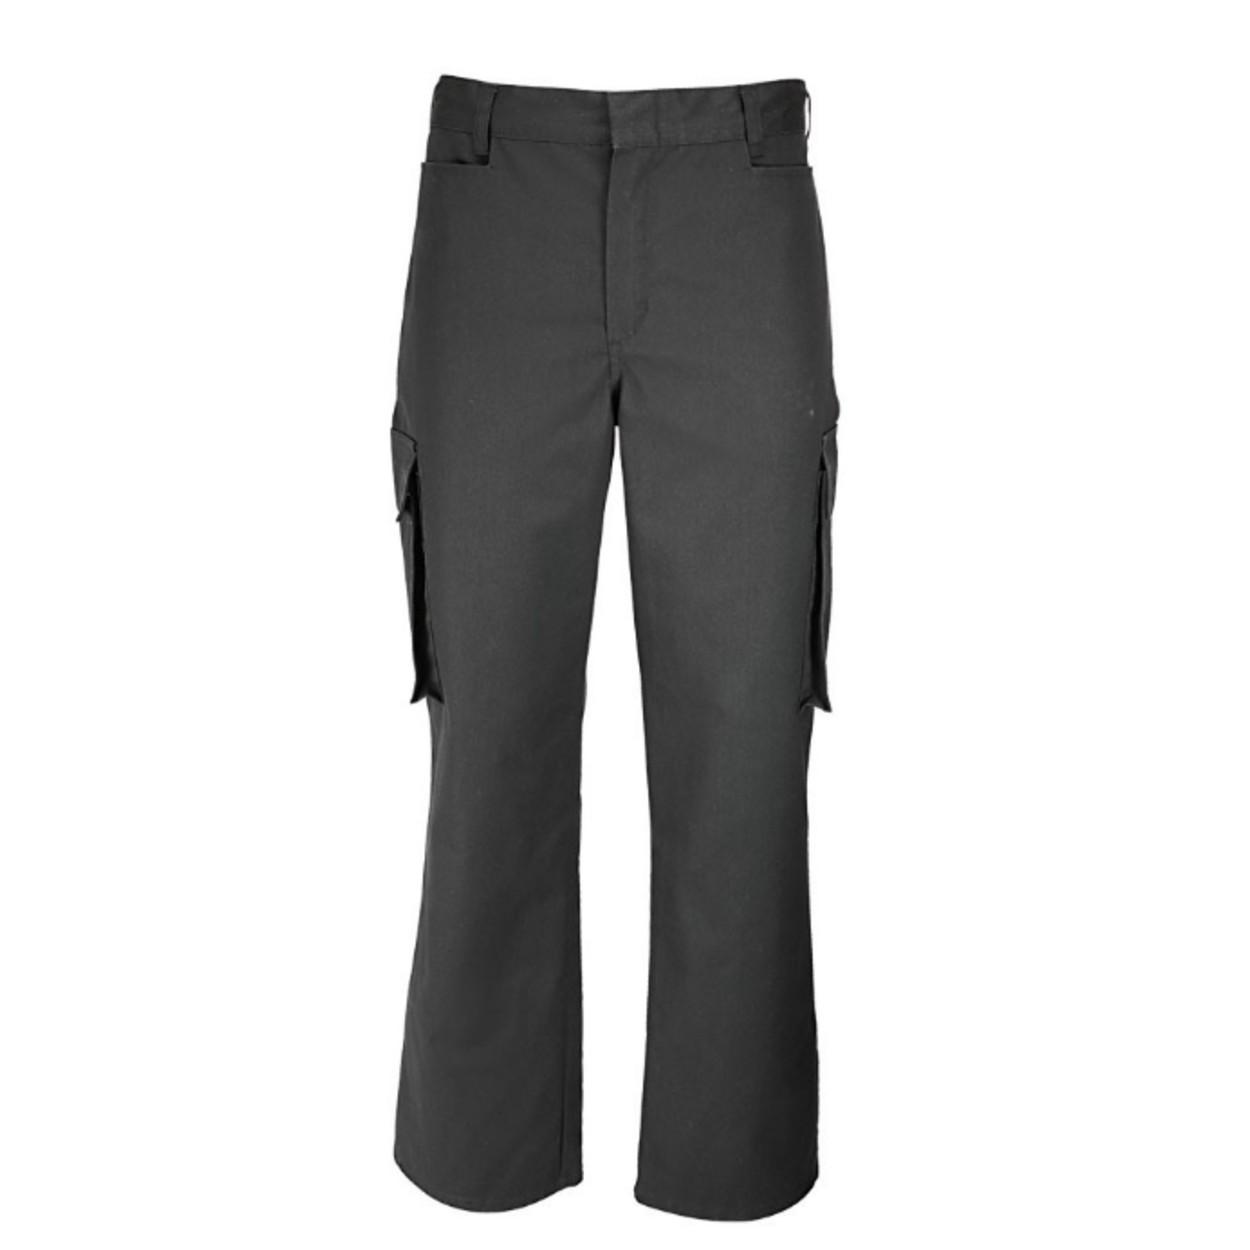 Ανδρικό παντελόνι φορτίου (πλοίο/αεροπλάνο)